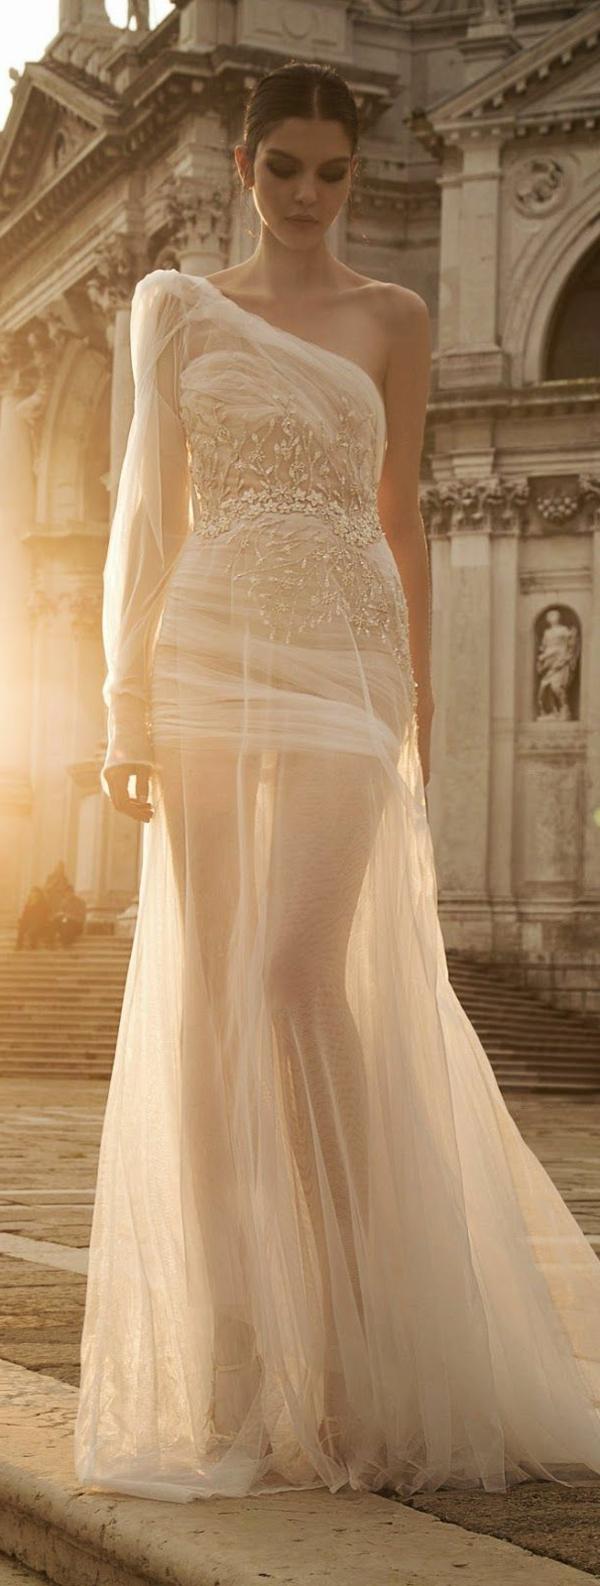 robe-pour-mariage